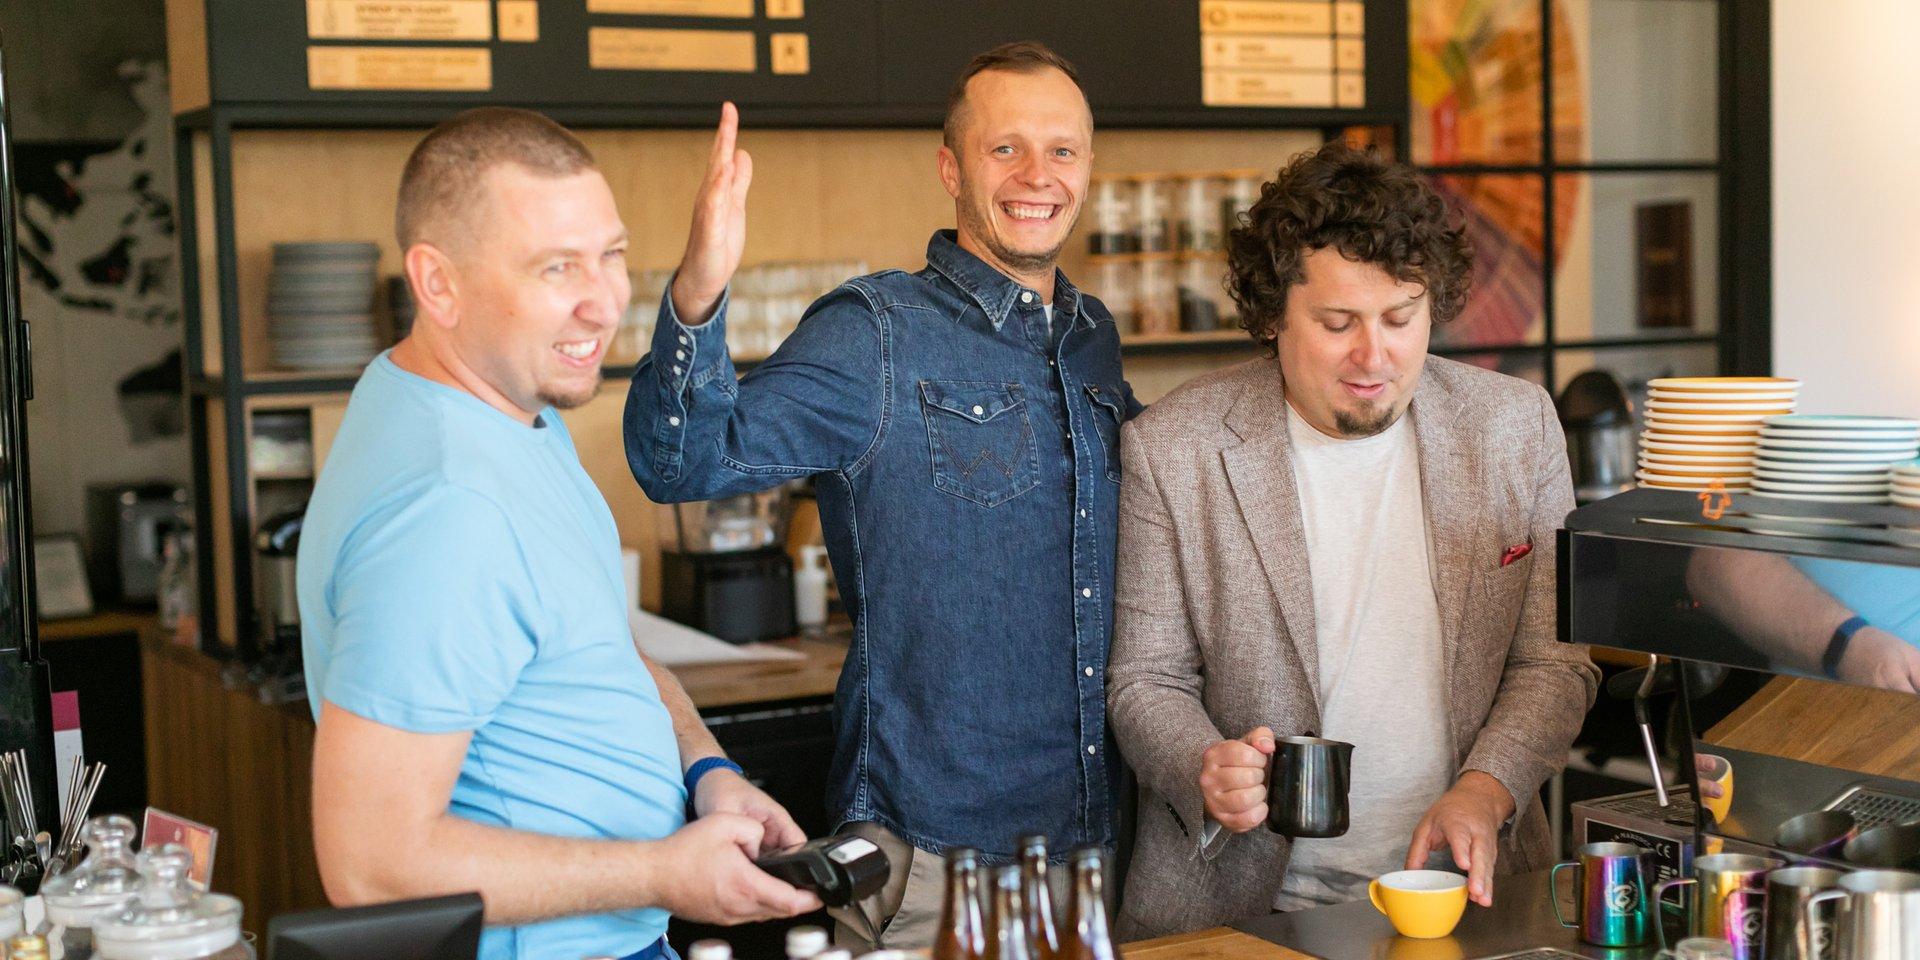 Coffeedesk ruszył z emisją akcji. Chce zebrać 4,4 mln zł